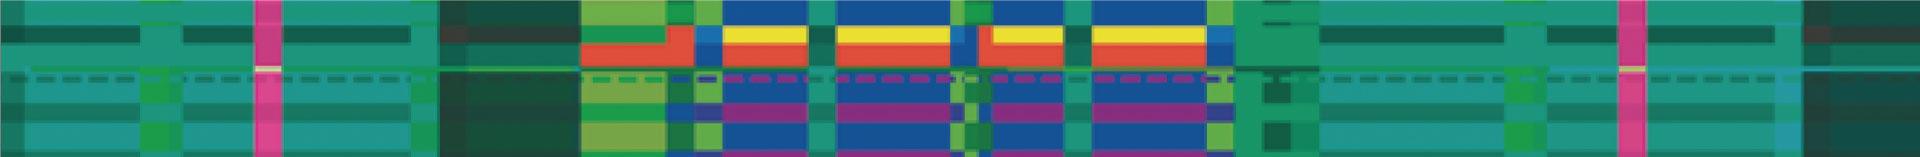 Hunter-McLeod-for-Web-pattern.jpg